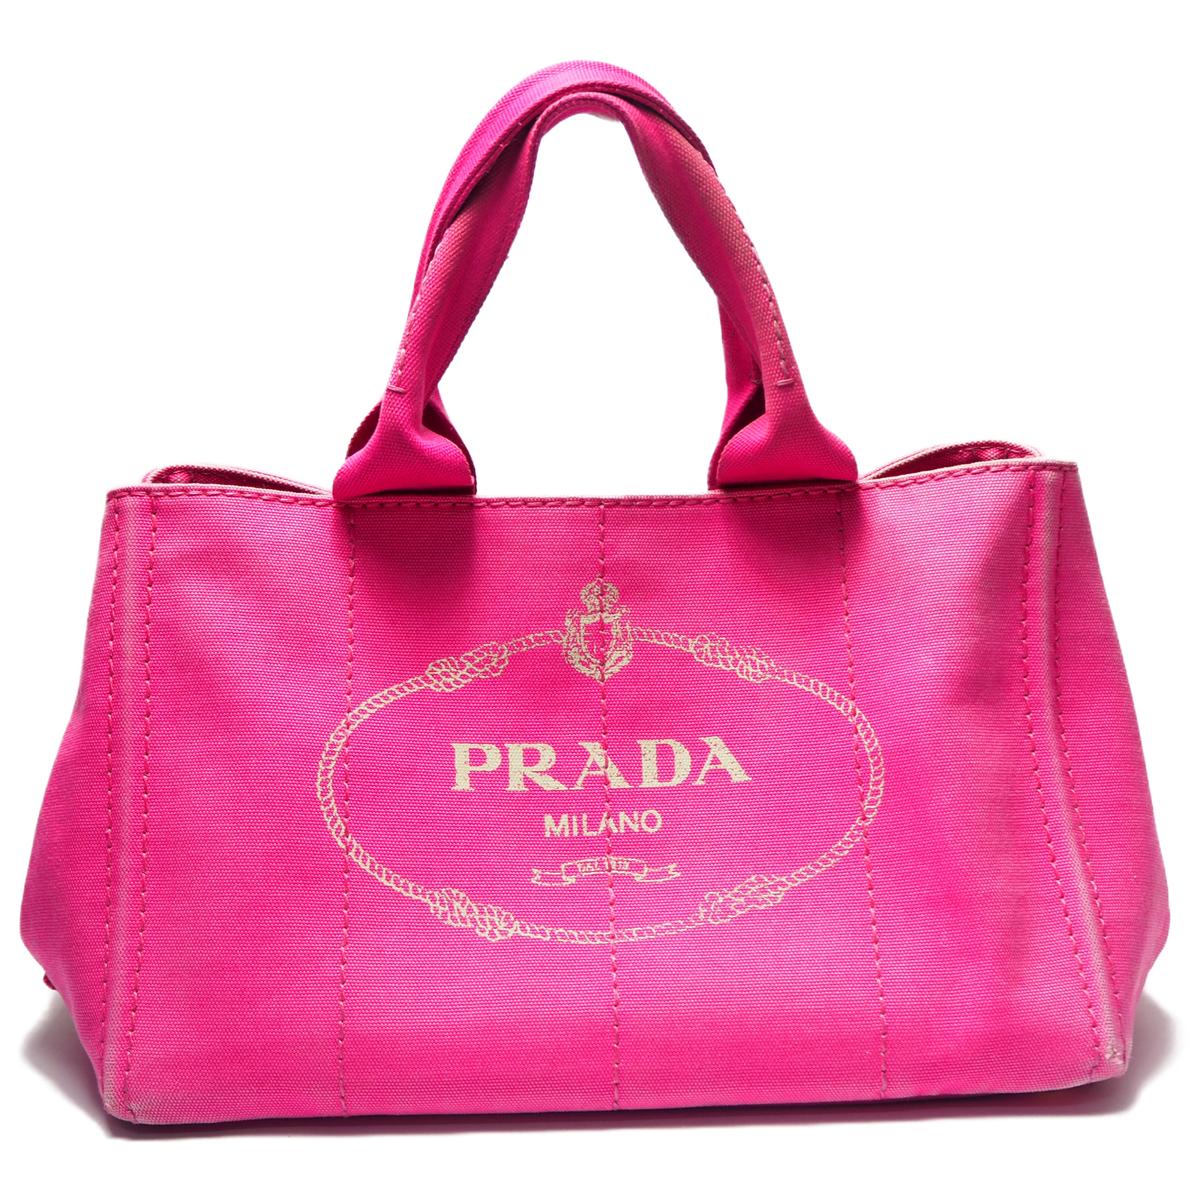 【中古】【可】 ゴールド金具 ハンドバッグ ピンク カナパS プラダ キャンバス レディース PRADA スモールサイズ ブランドバッグ BN2439 バッグ トートバッグ